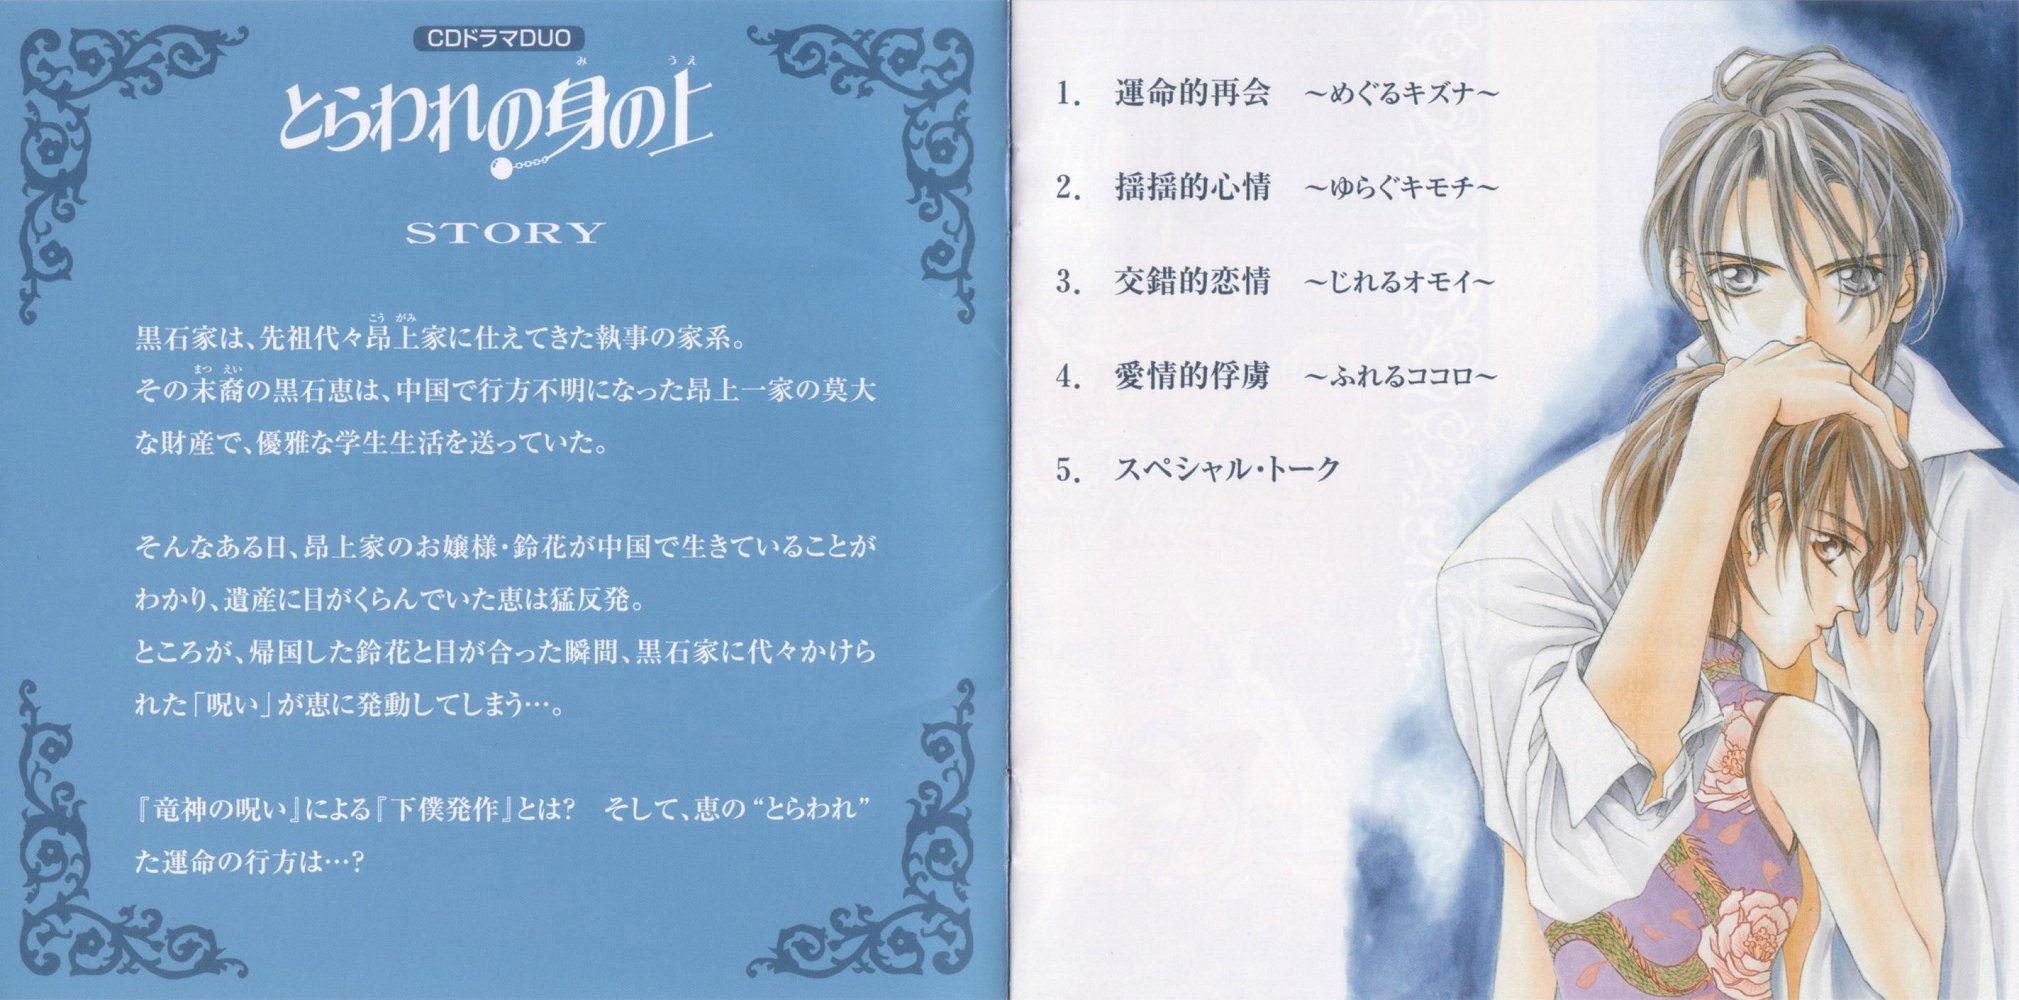 TORAWARE NO MINOUE *** Matsuri Hino*** Cd_torami_livret03